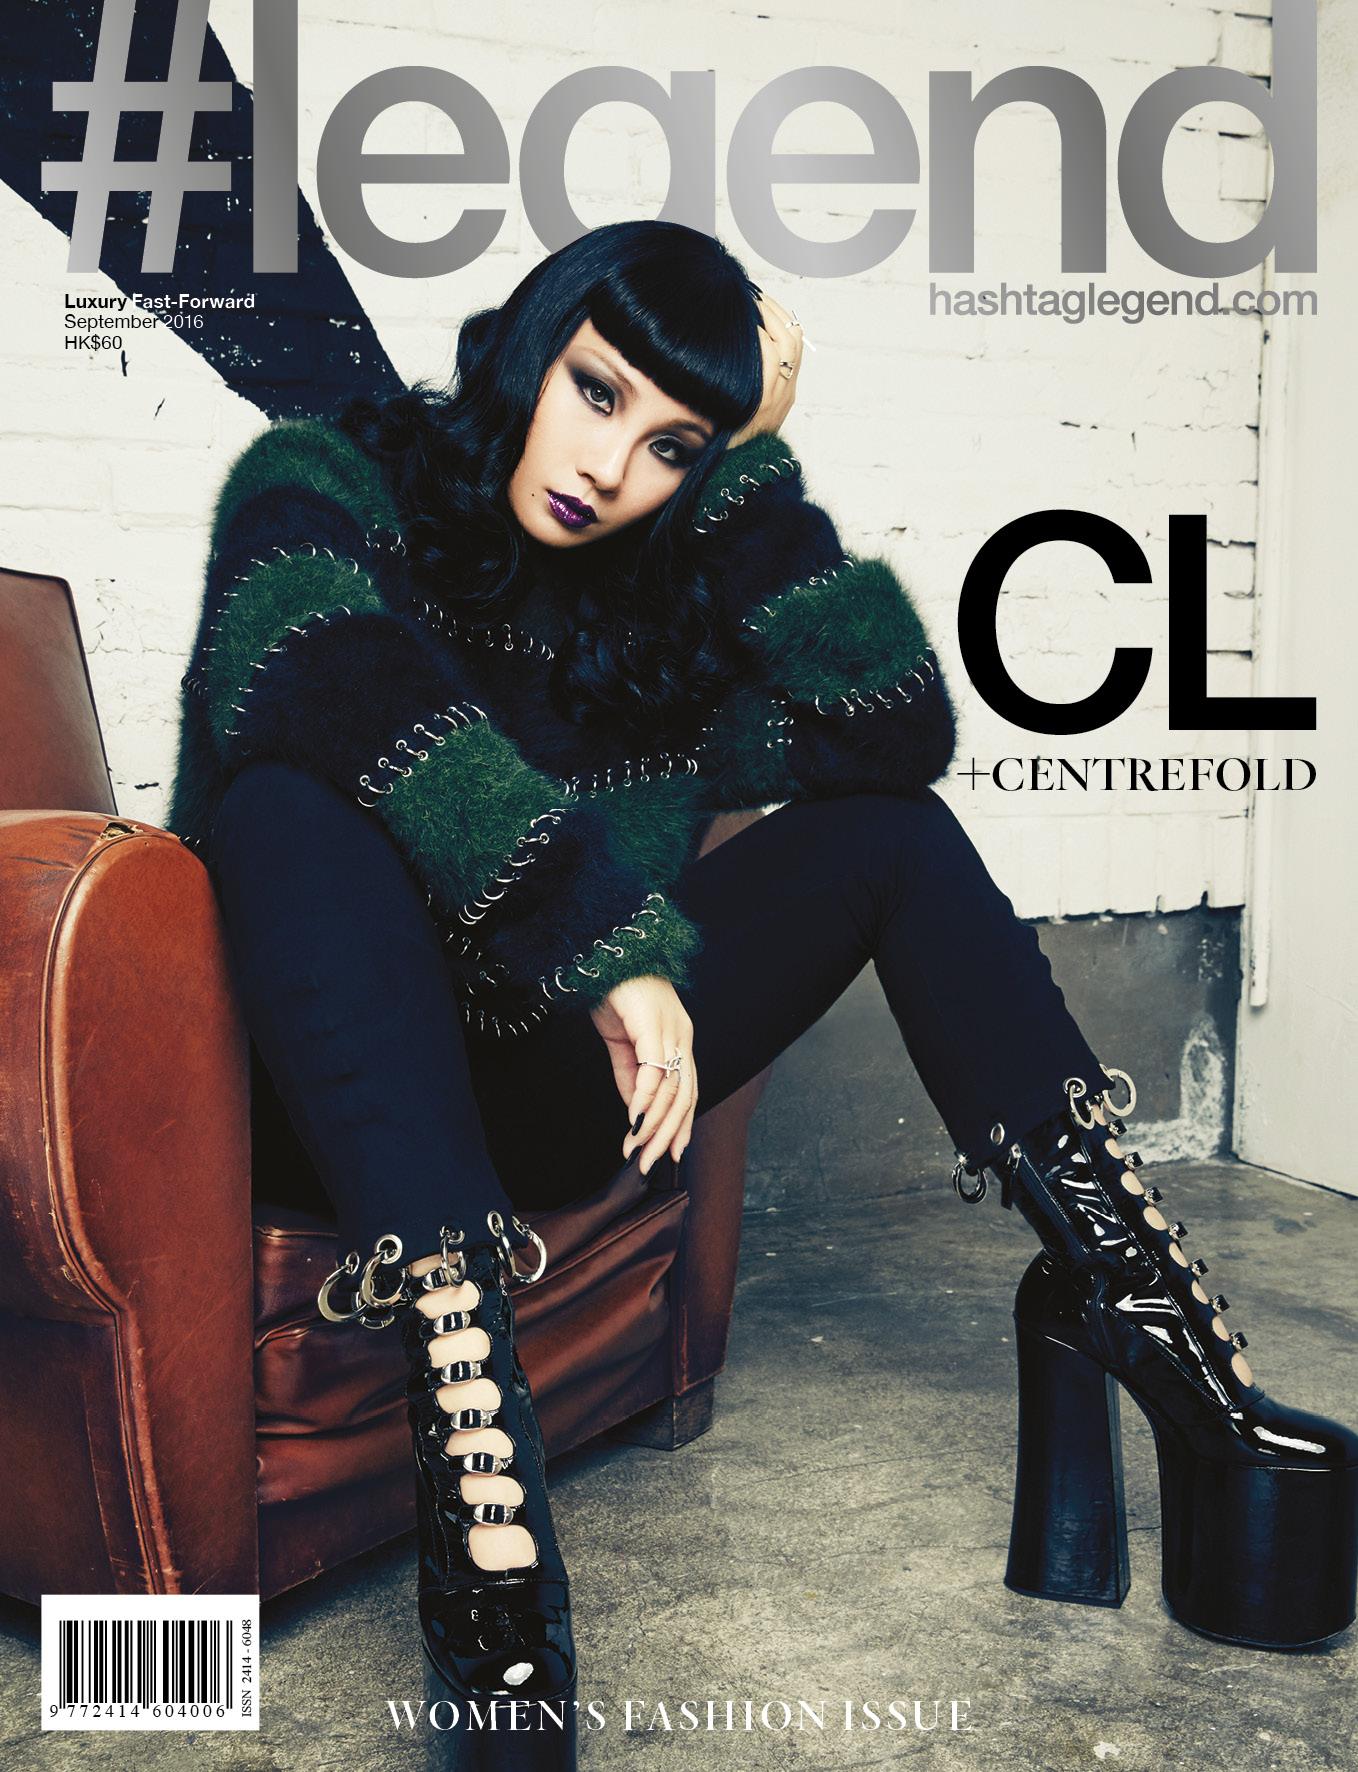 CL hashtag legend magazine 3